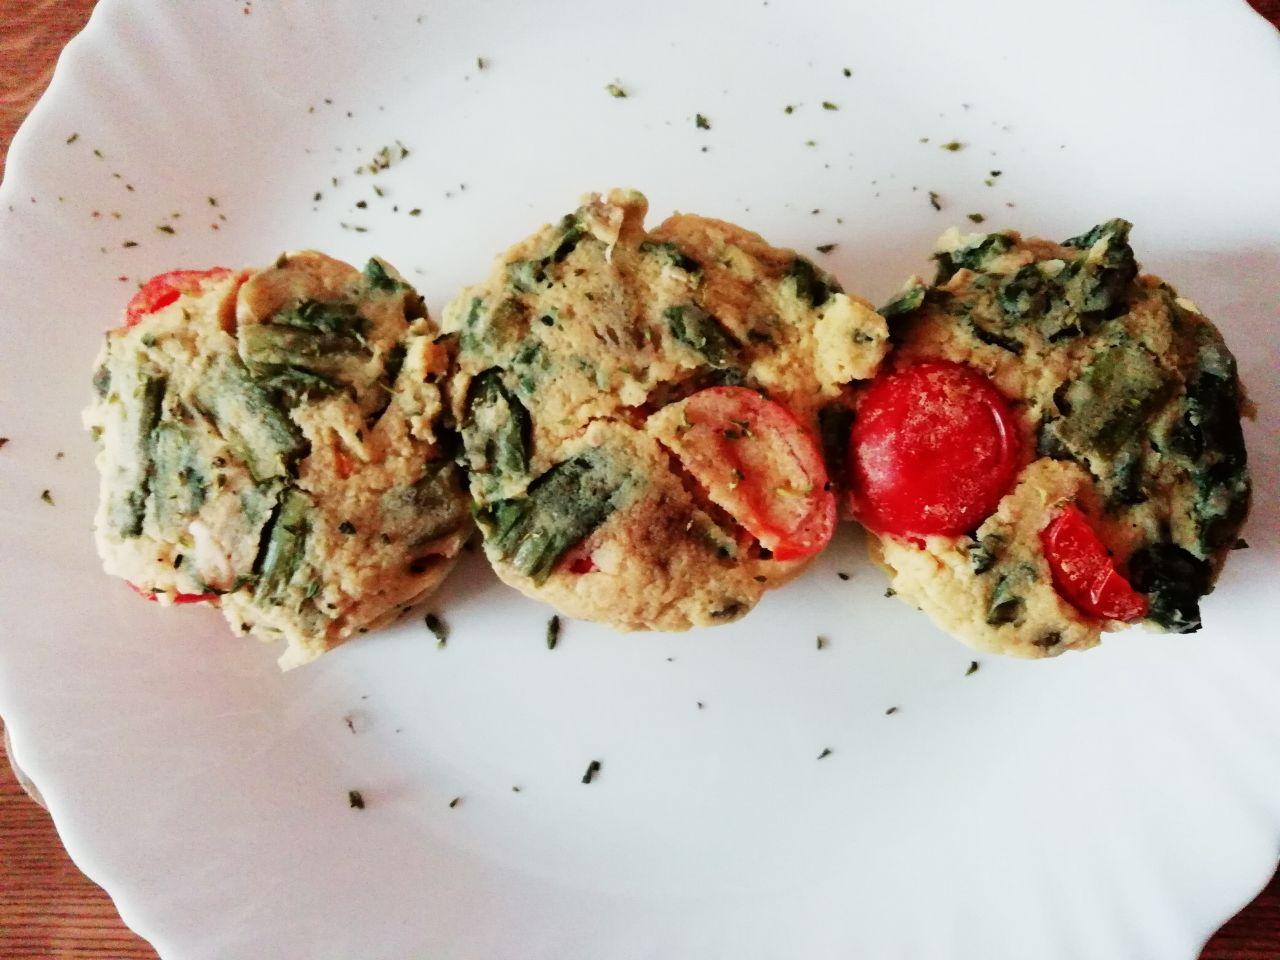 Antipasti vegetariani: tortini di ceci e indivia riccia al vapore!